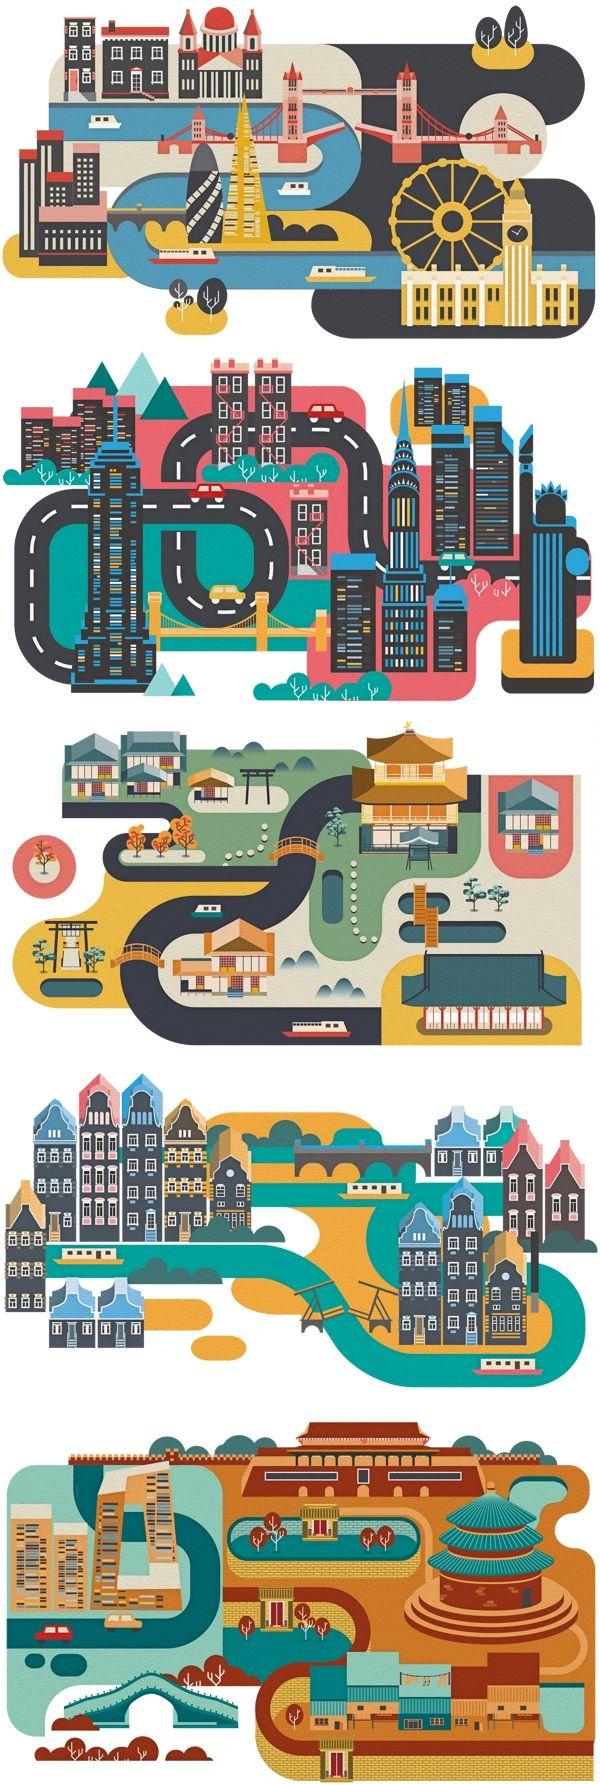 Cities by Jing Zhang